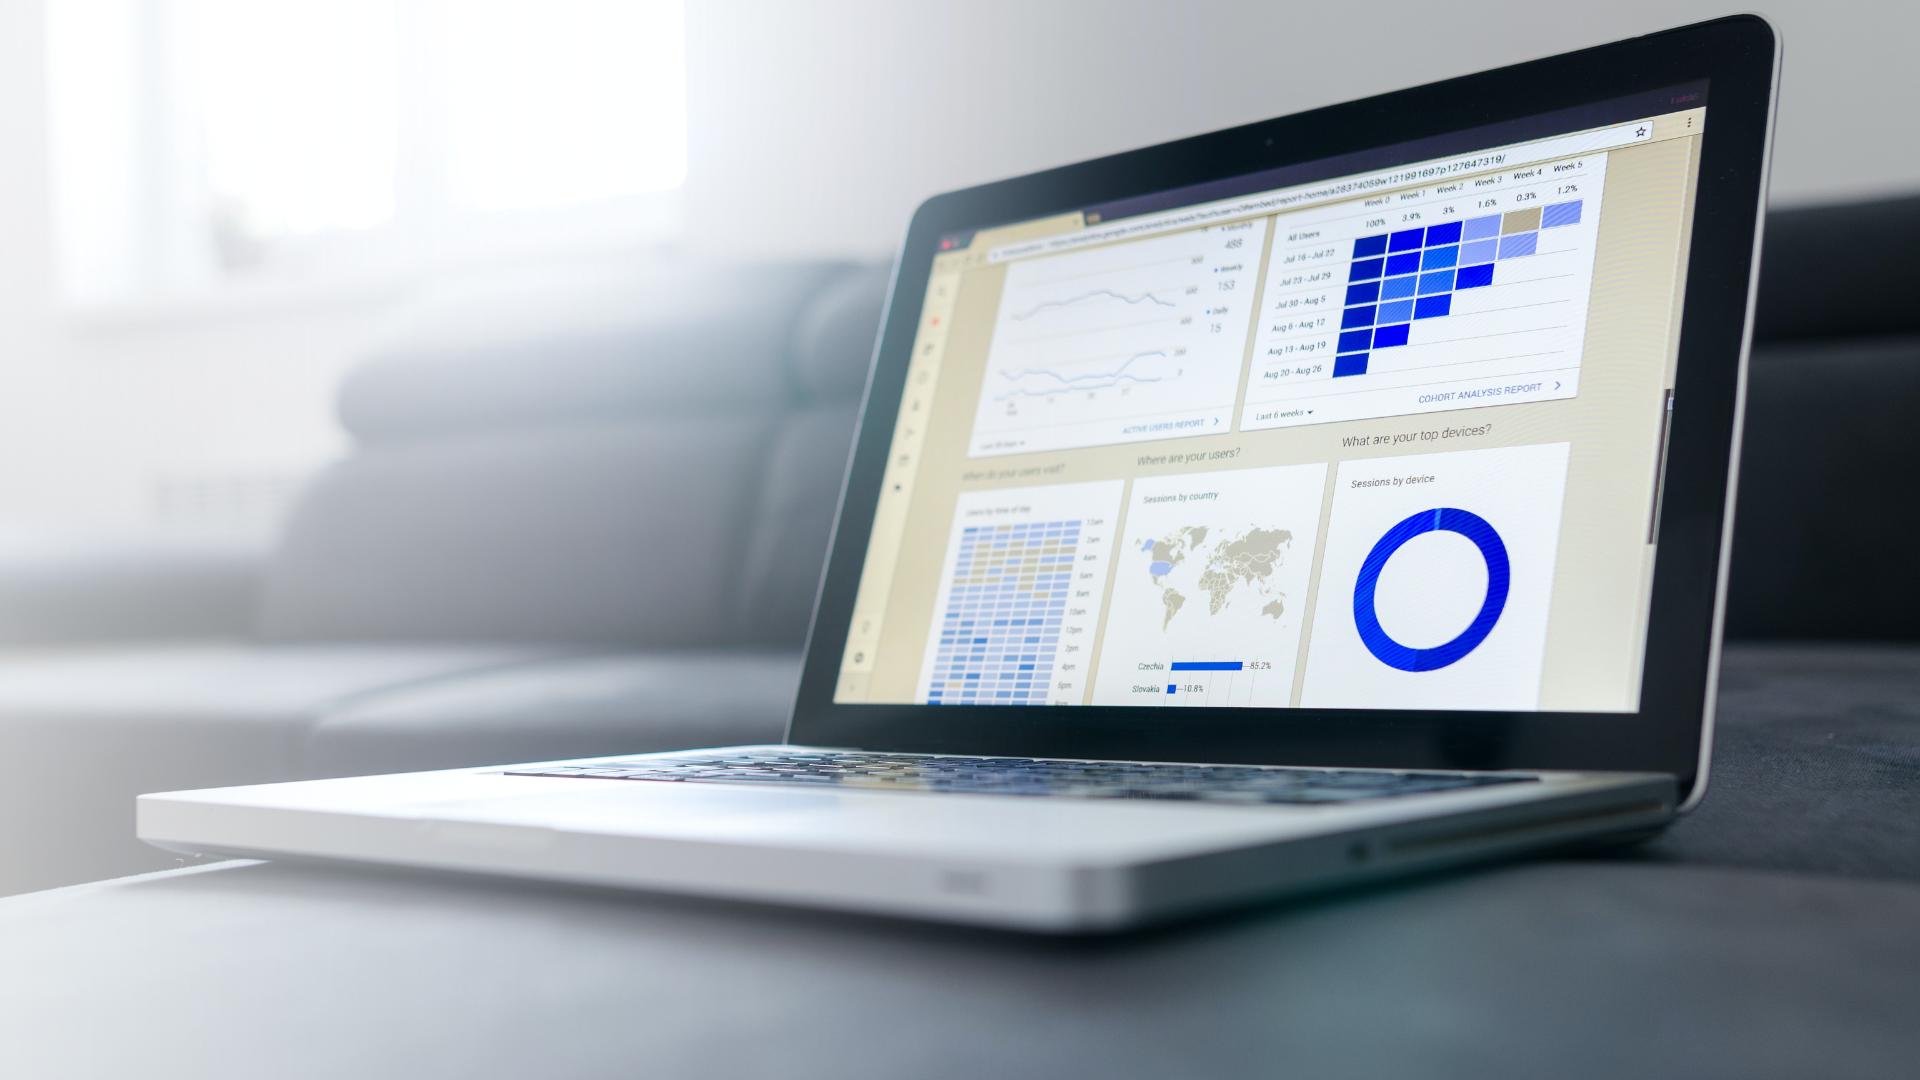 Plantilla de Excel: Crea y controla tus Procesos de Formación